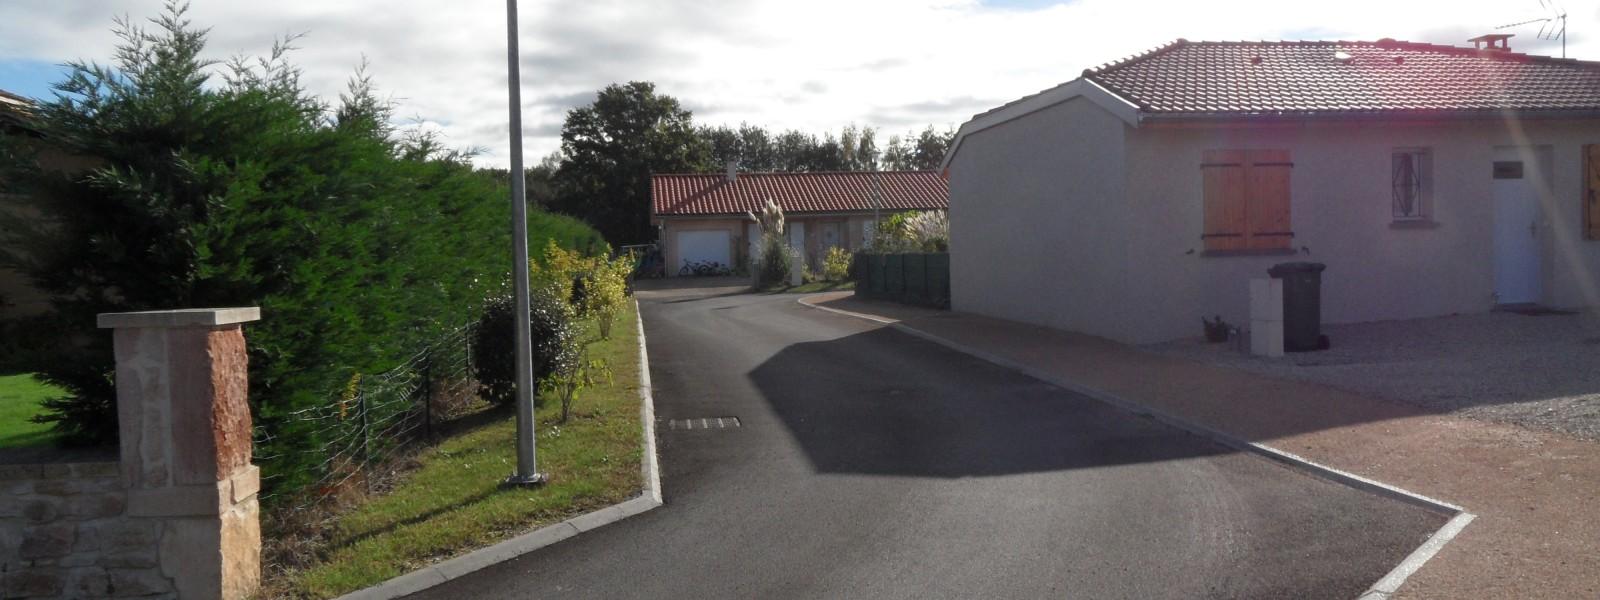 LA CARBONE 2 - Visuel 2 - Impact immobilier 01